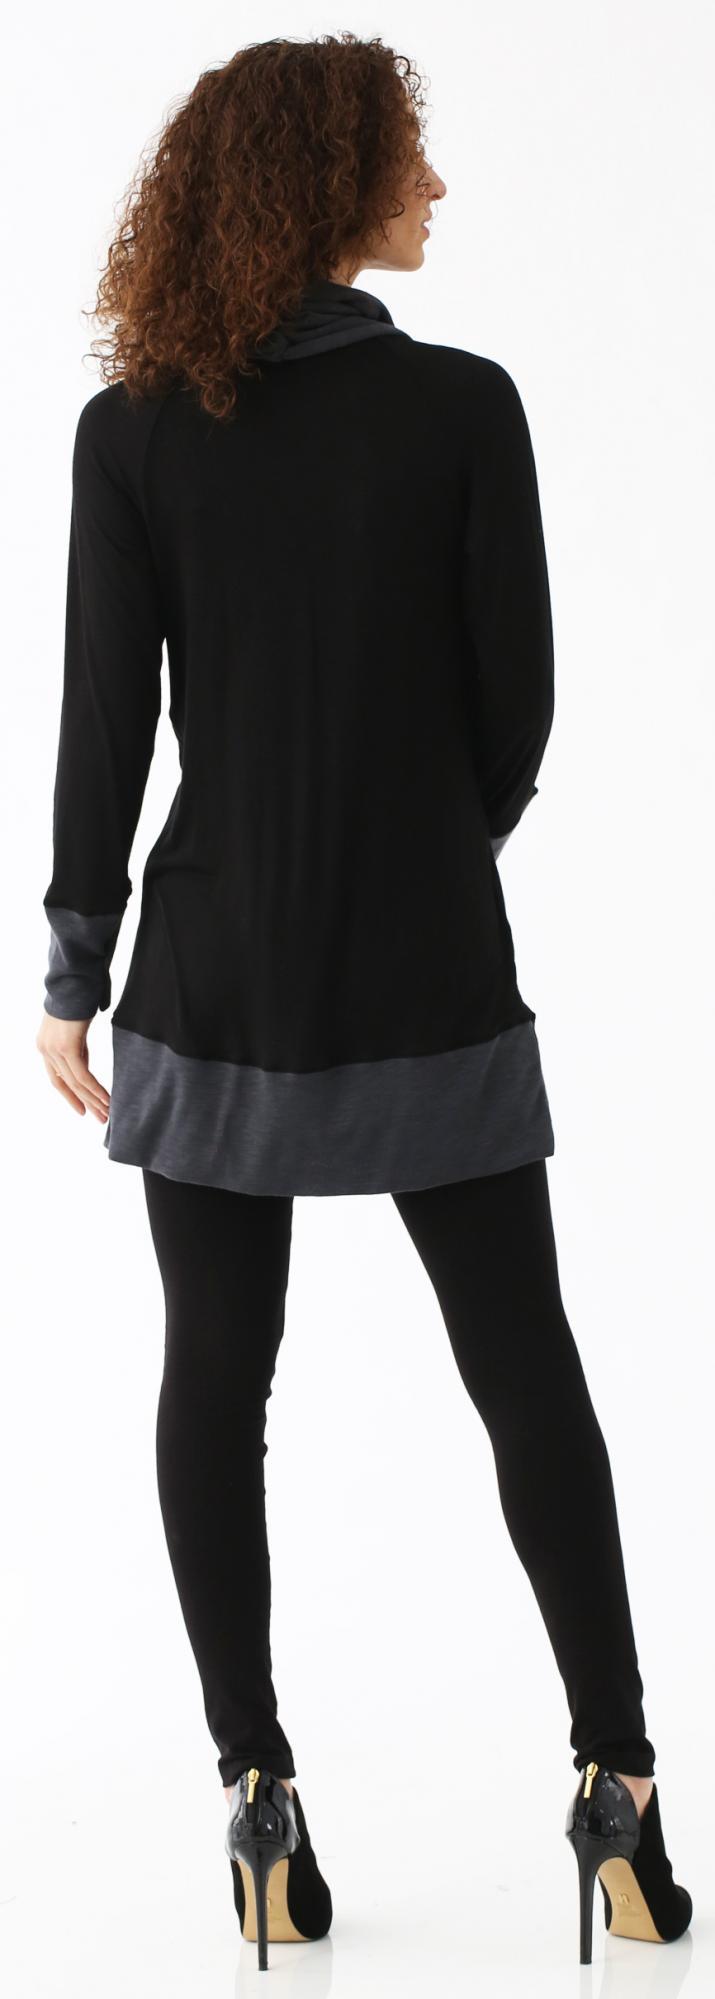 majamas-simone-nursing-tunic-black-back.jpg